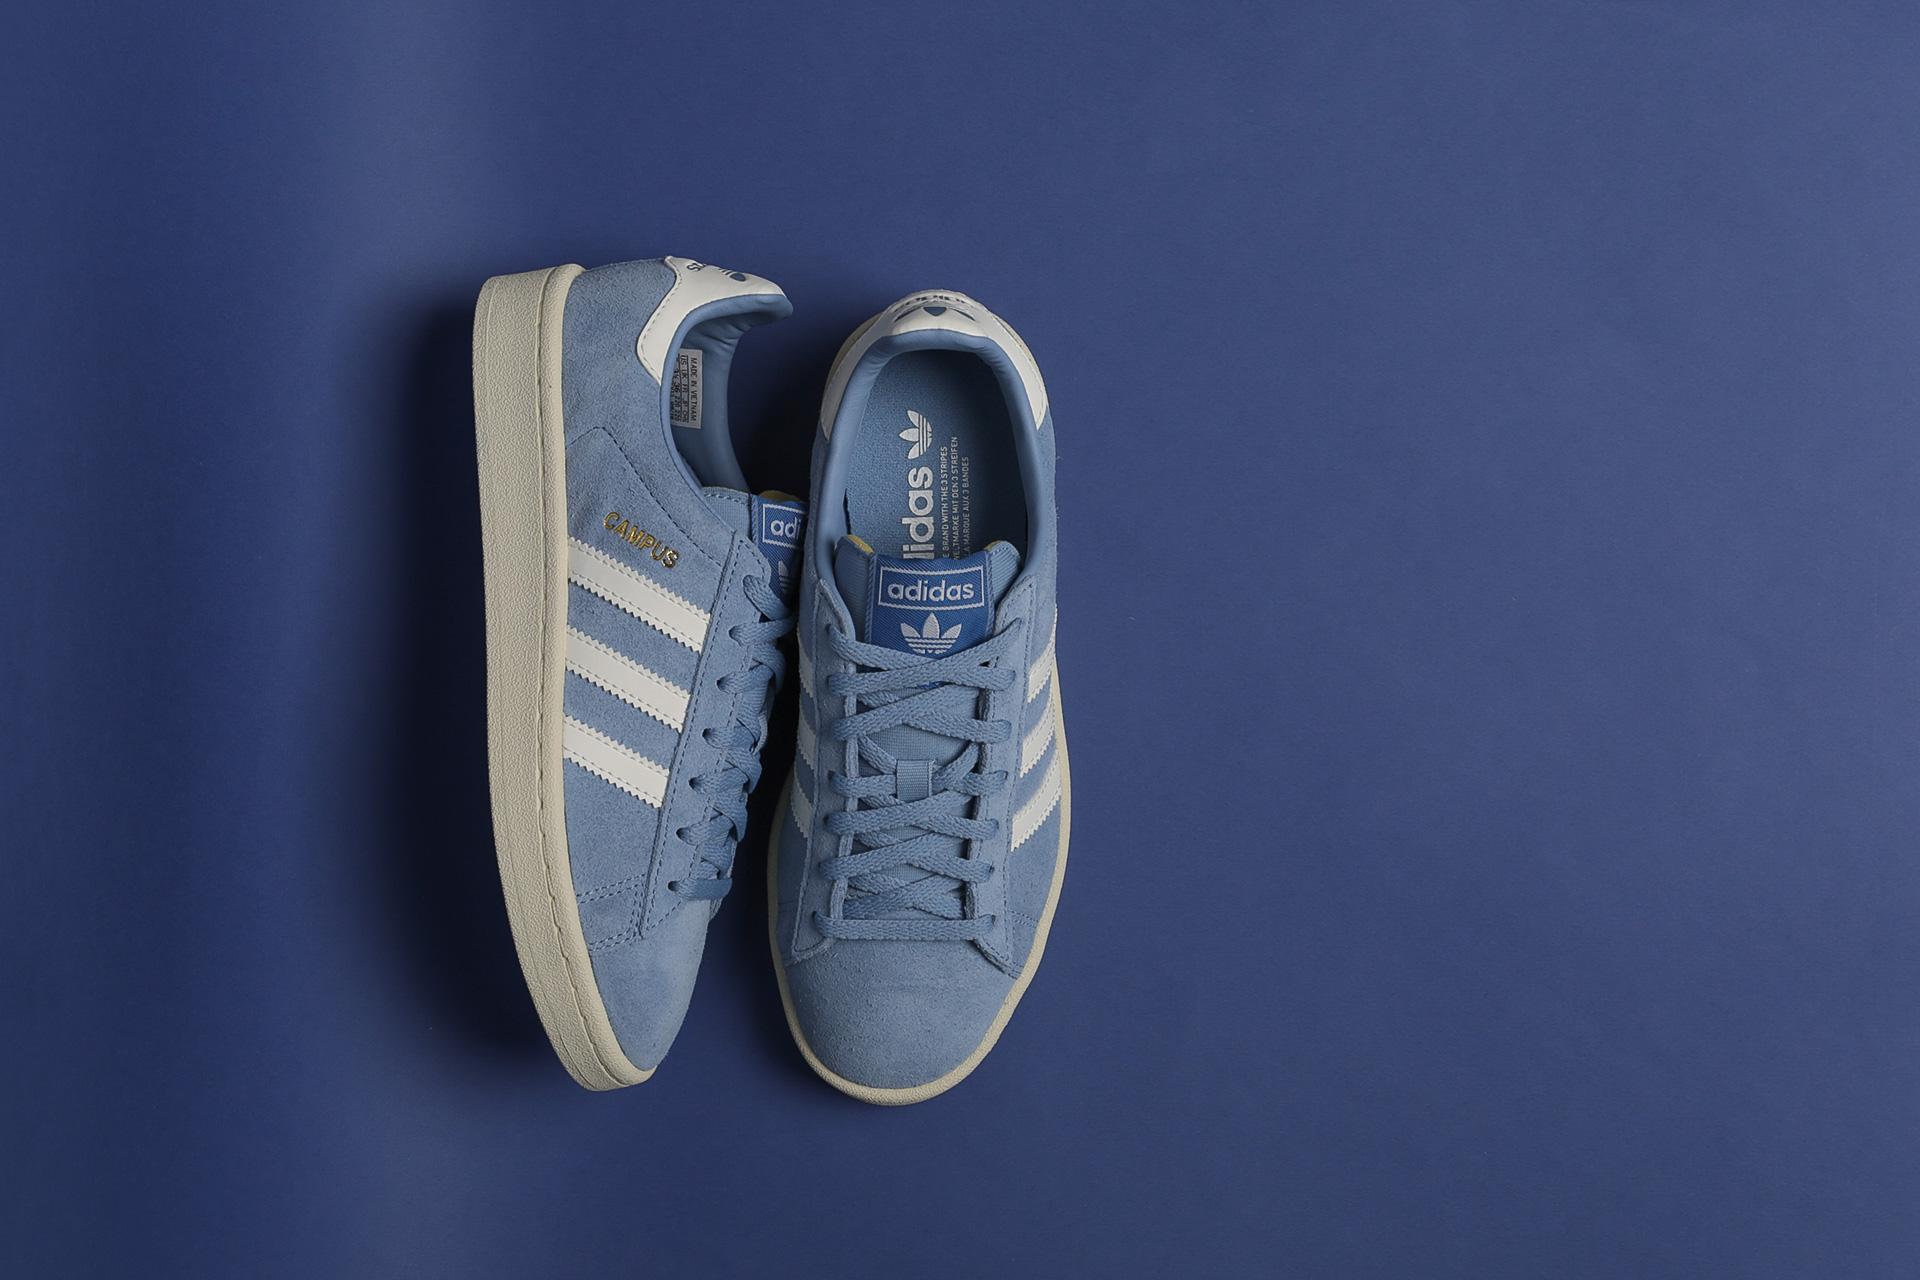 6d29629ac4accf Купить голубые женские кроссовки Campus W от adidas Originals ...